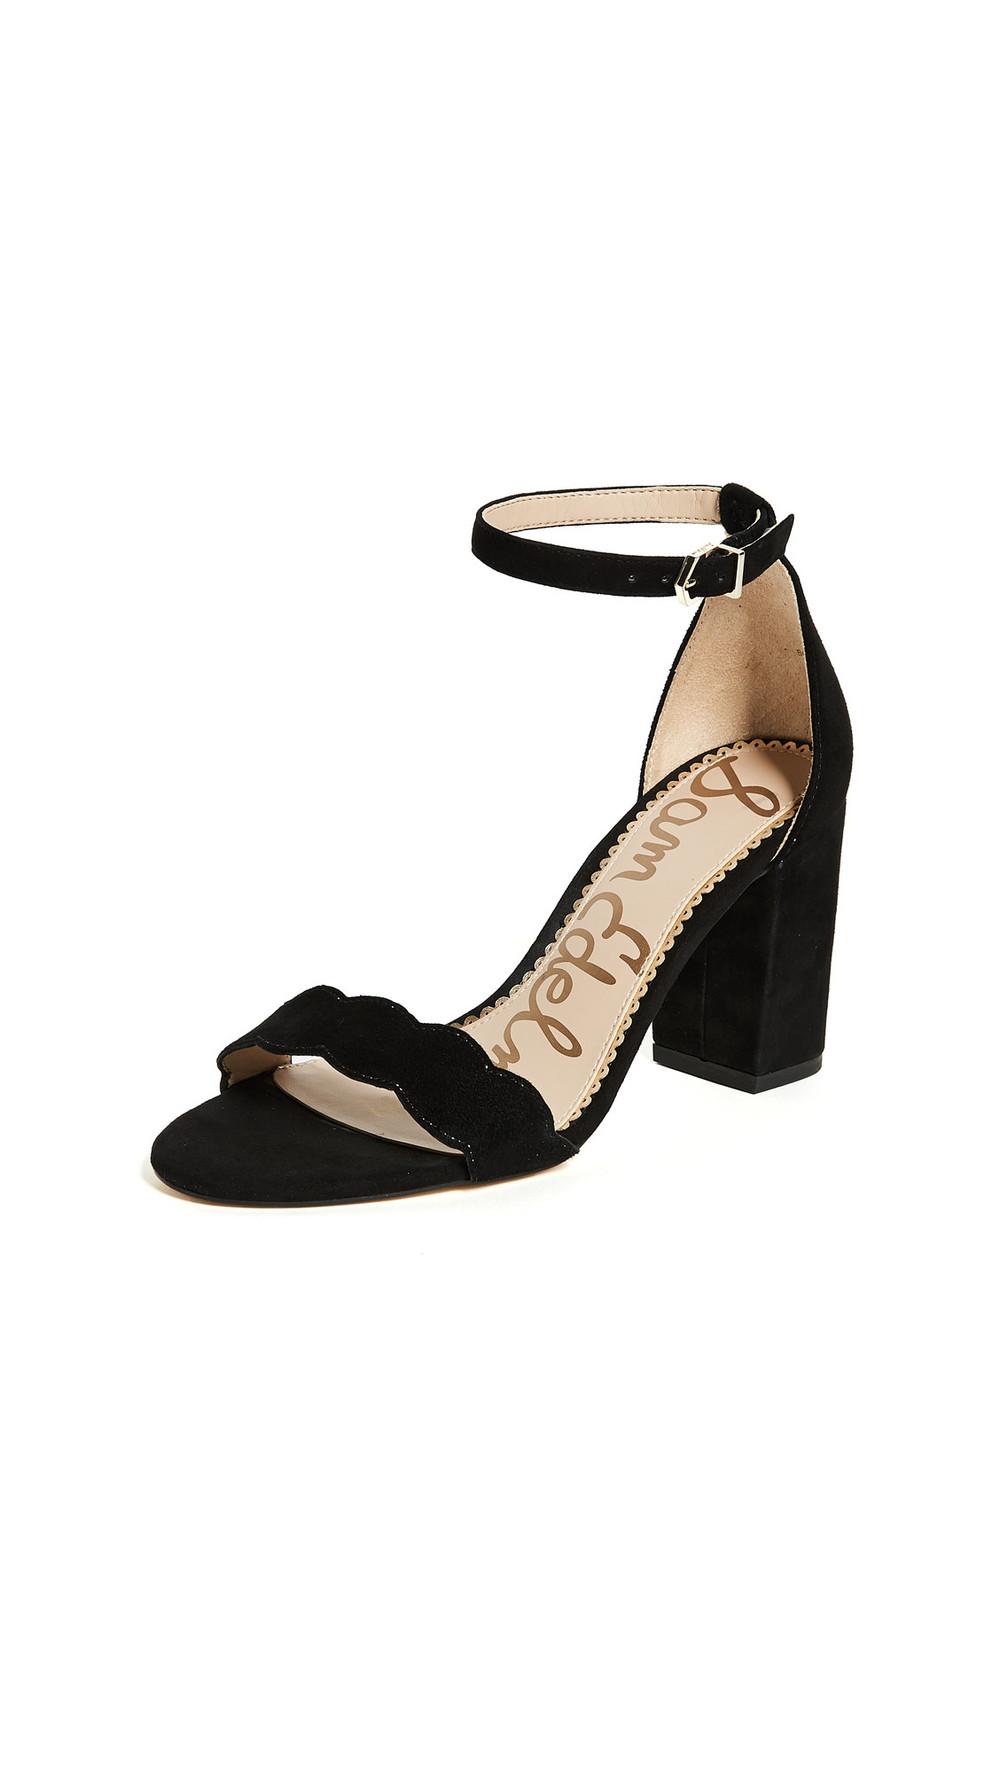 Sam Edelman Odila Sandals in black